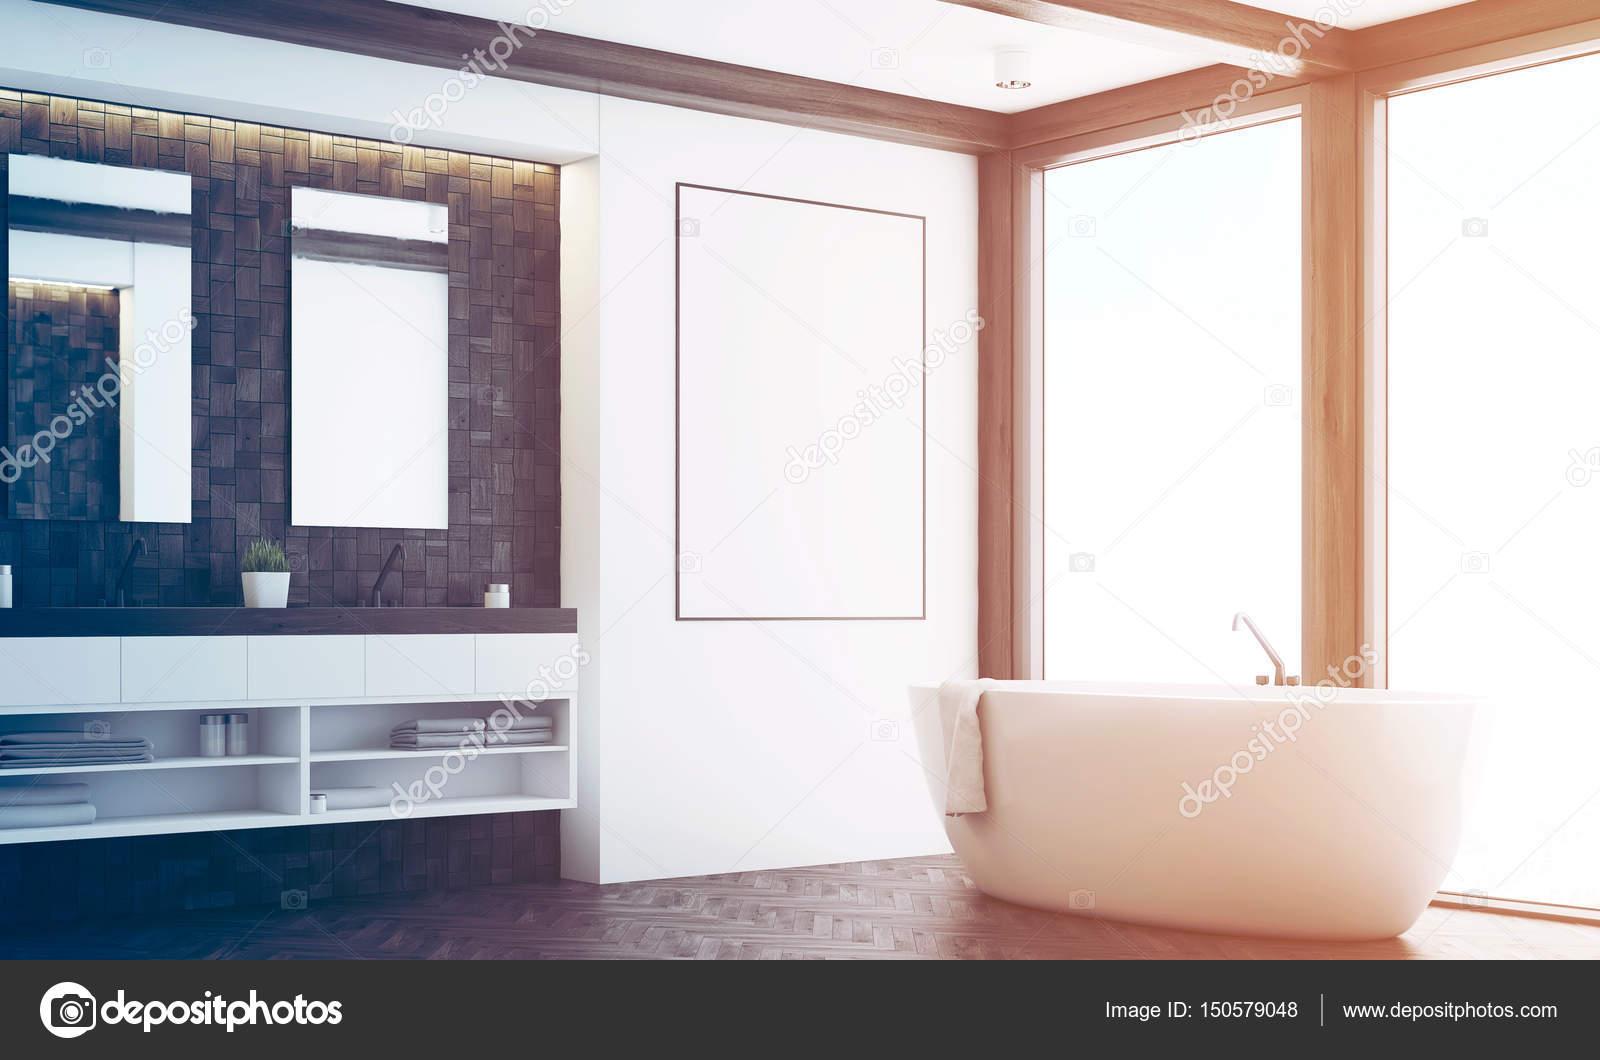 hoek van een badkamer met donkere tegels twee spiegels een dubbele wastafel een grote witte tub en een poster die opknoping in de buurt van het